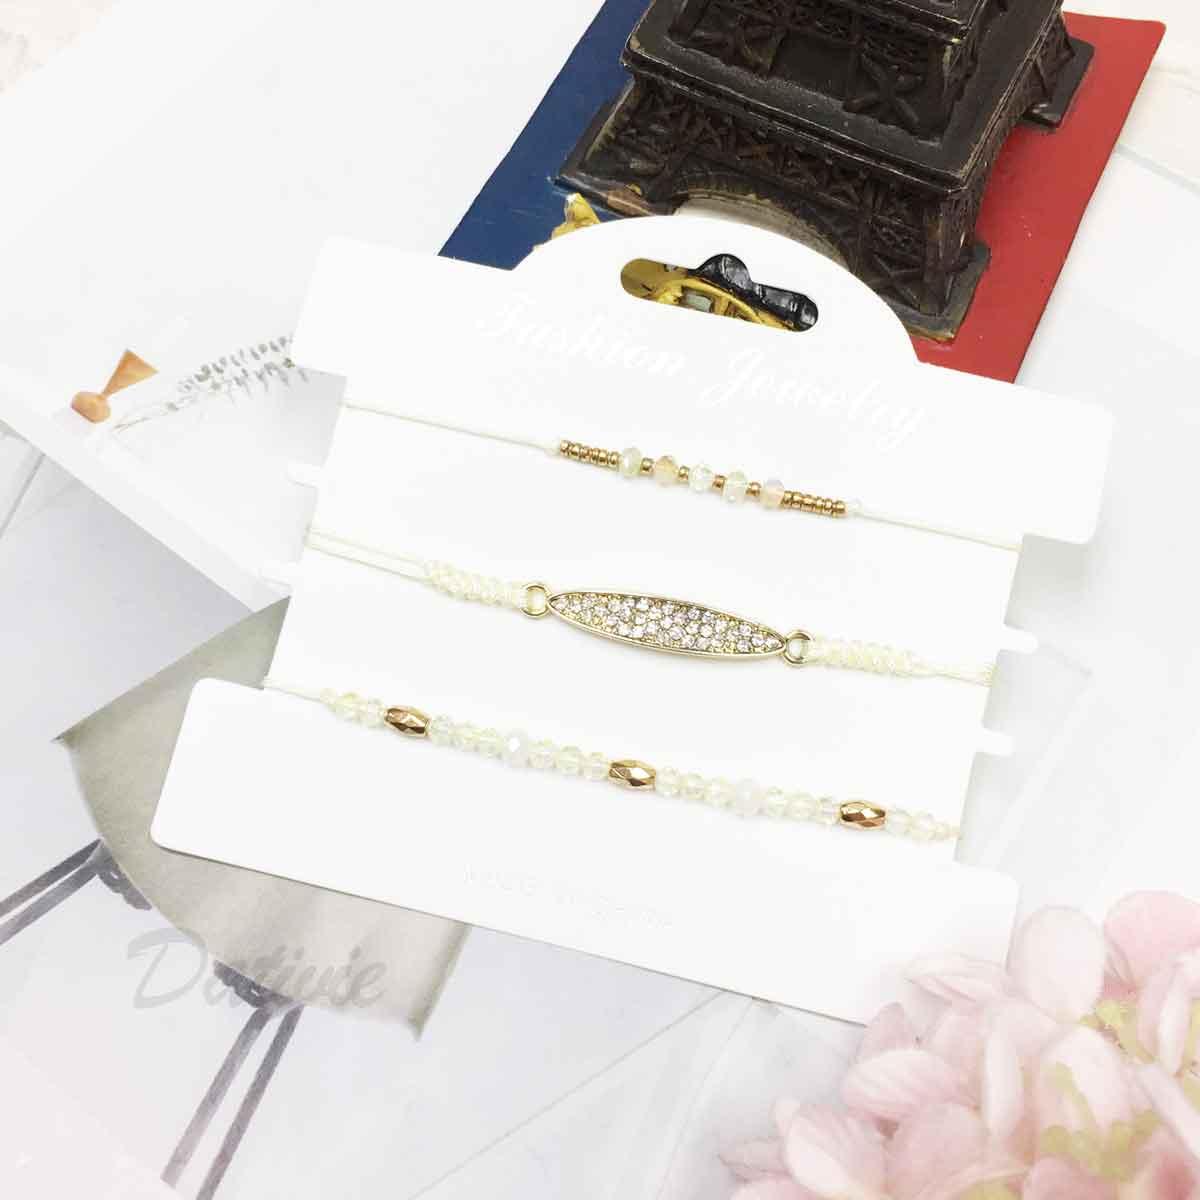 水鑽 長圓型吊牌 水晶 串珠 小金珠 米黃色 編織 3入組 細繩 手繩 手鍊